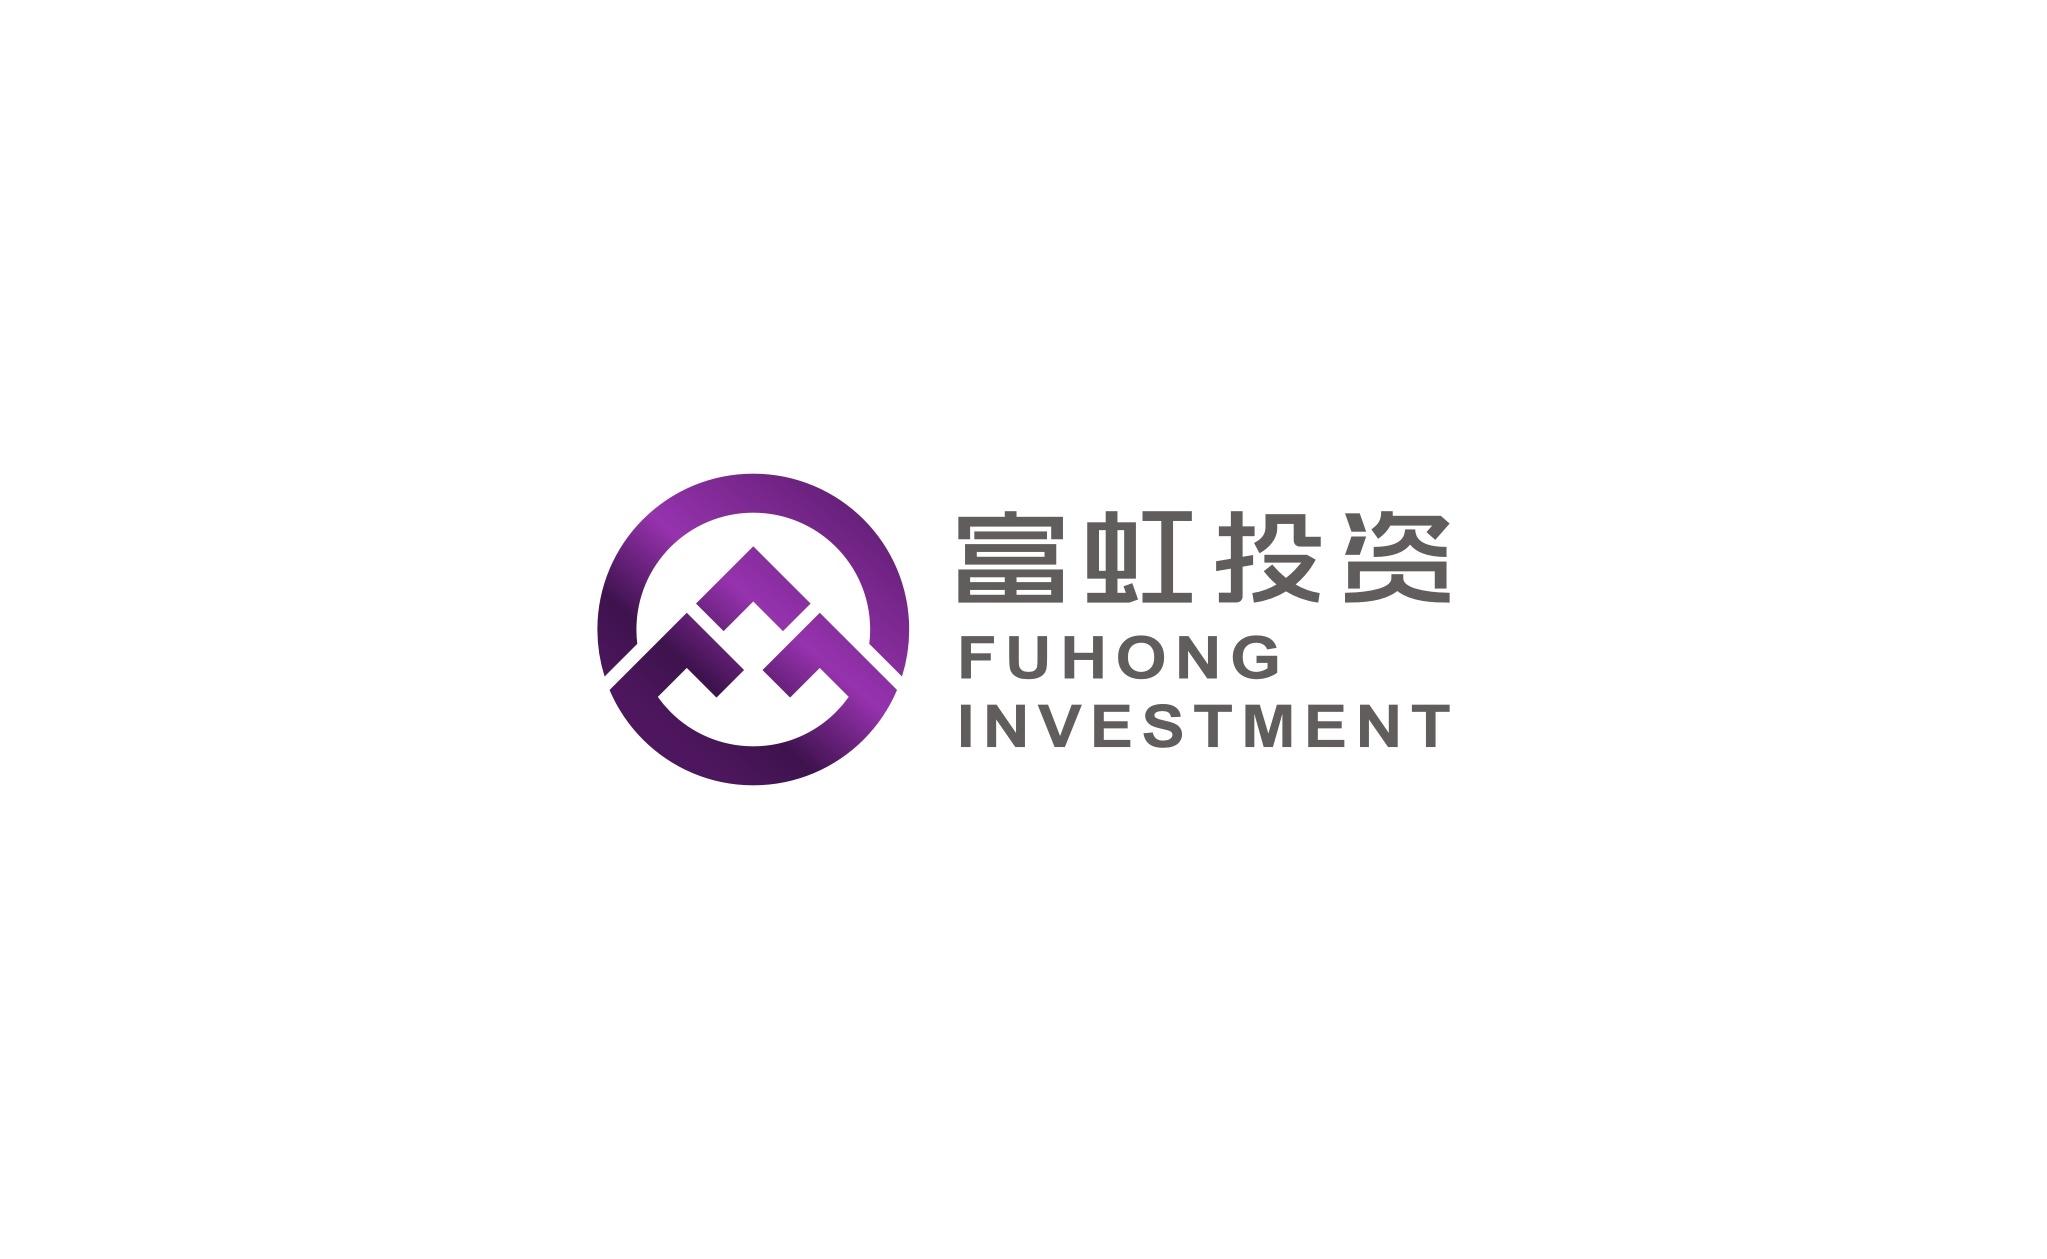 国外金融行业logo_金融logo设计 漂亮的logo设计图片 起源金融logo设计欣赏